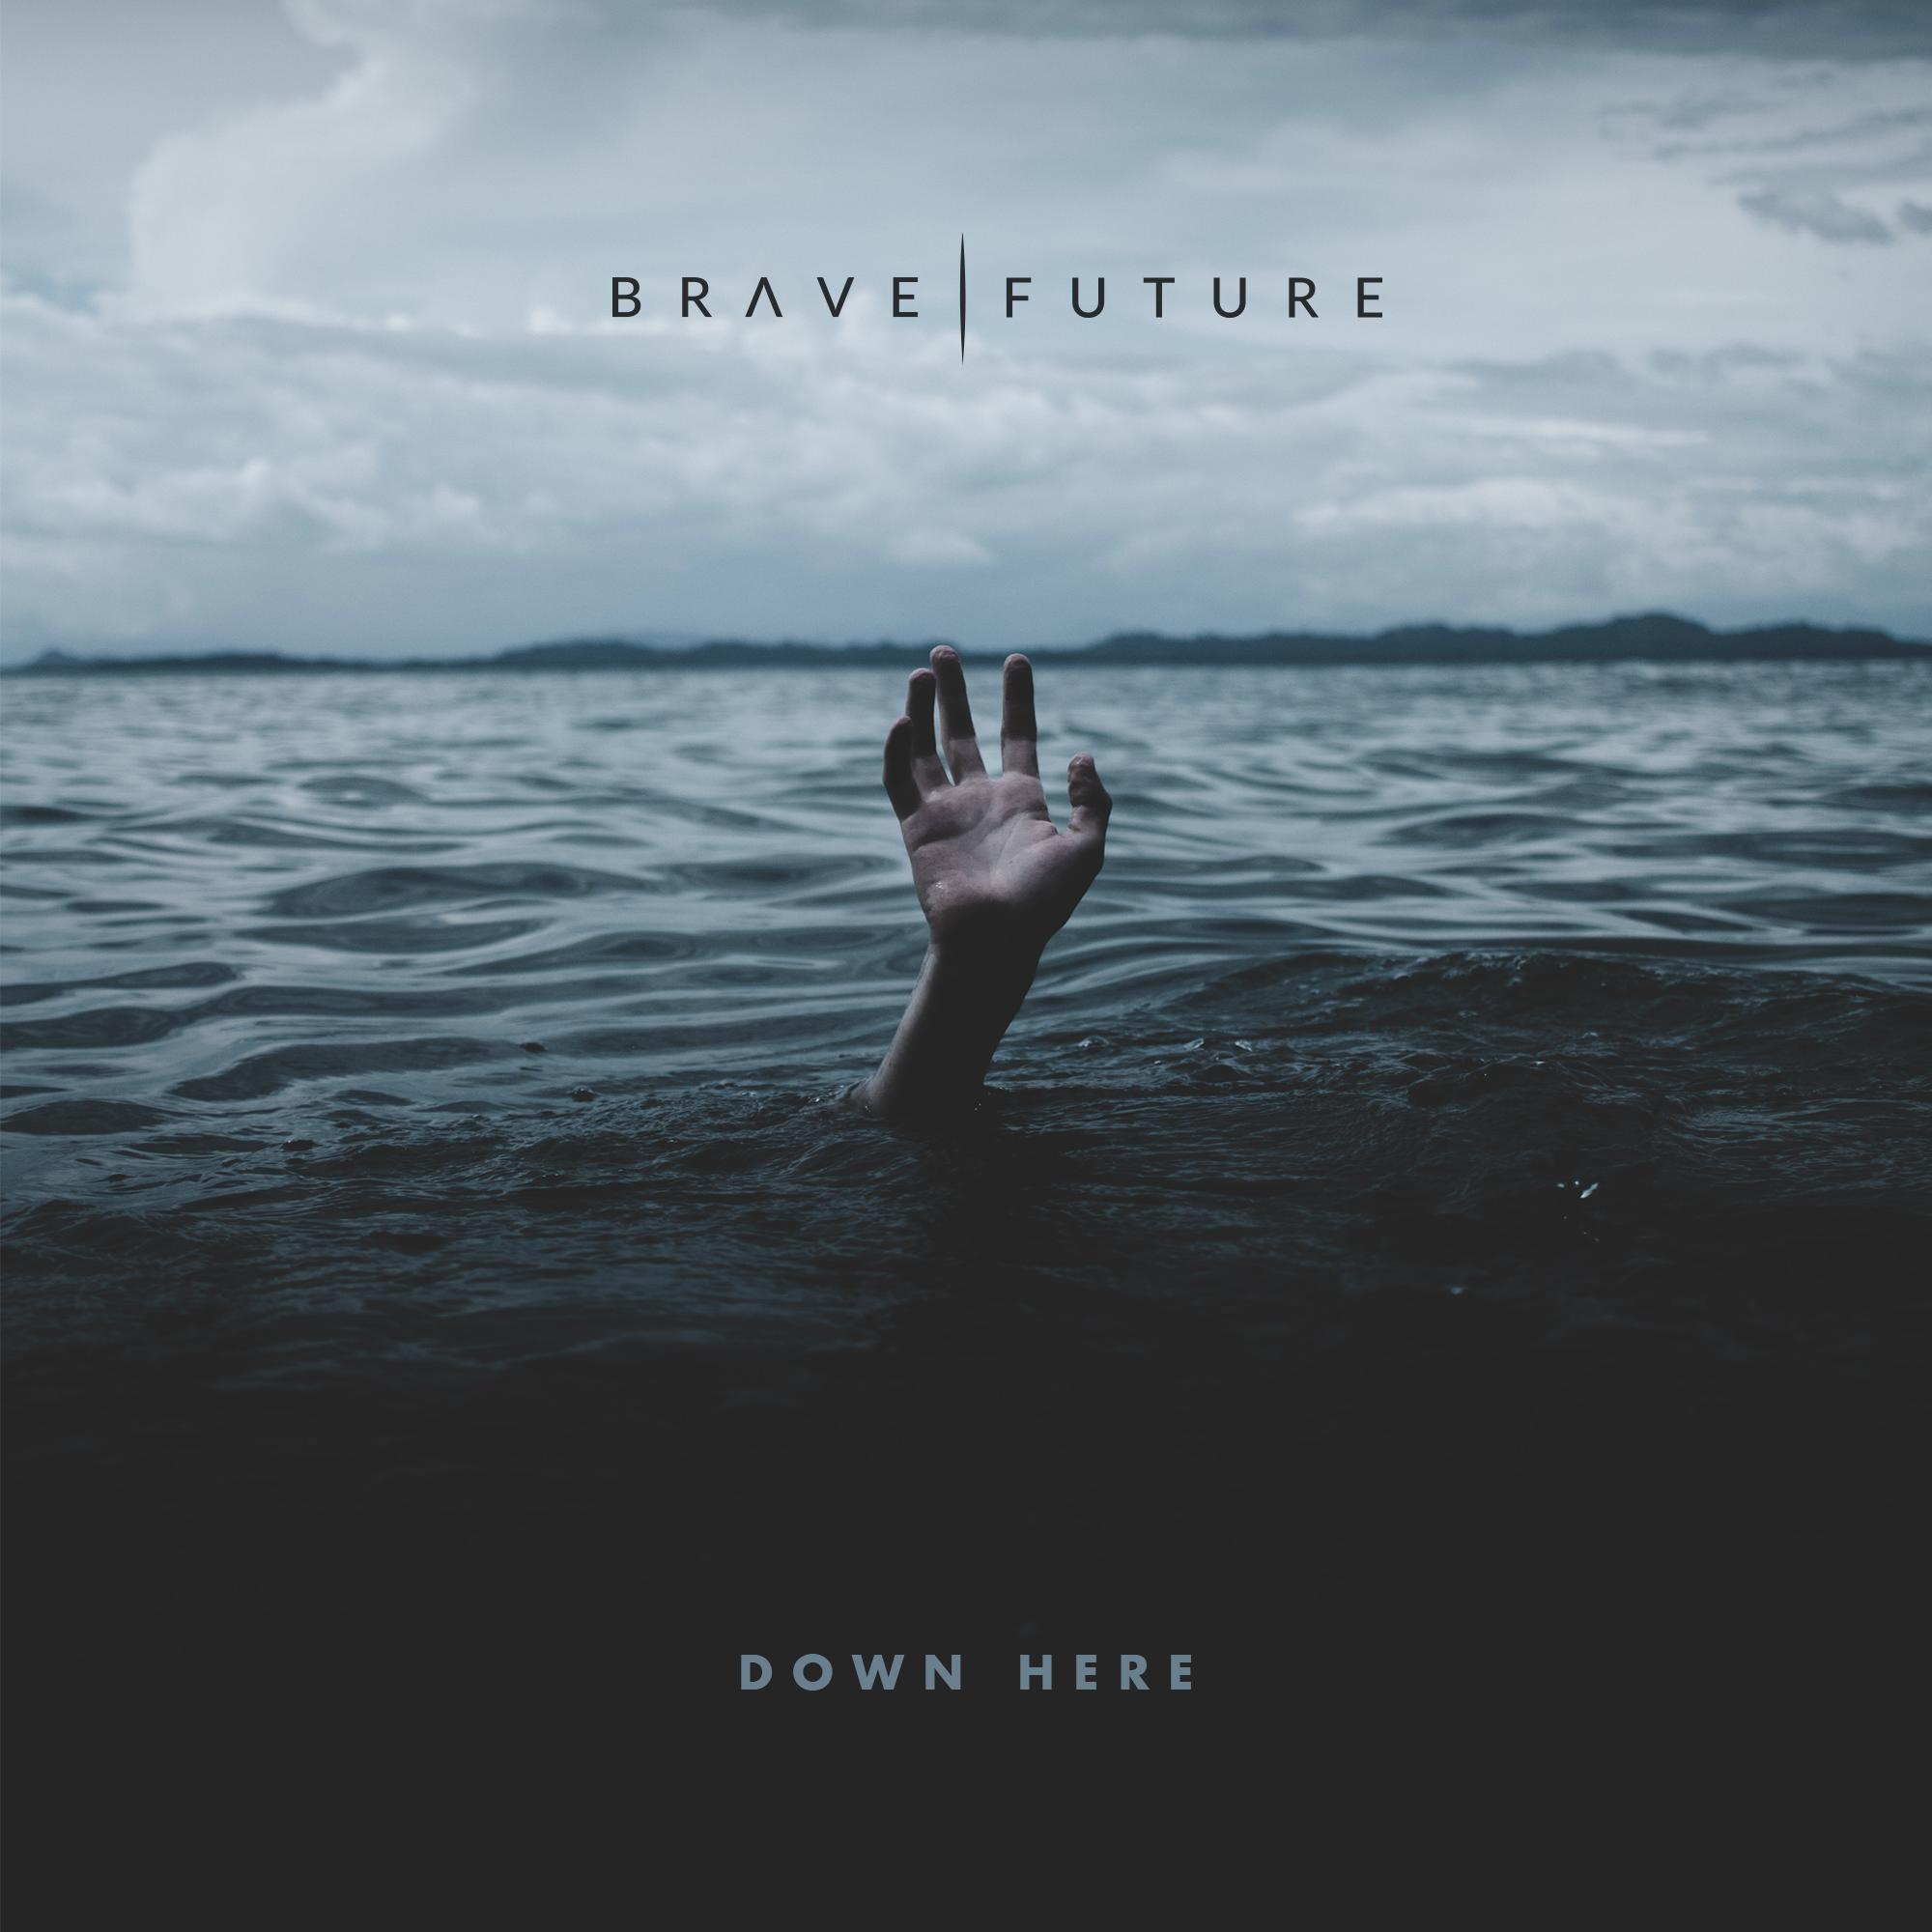 """Brave Future's """"Down Here"""" single cover art."""